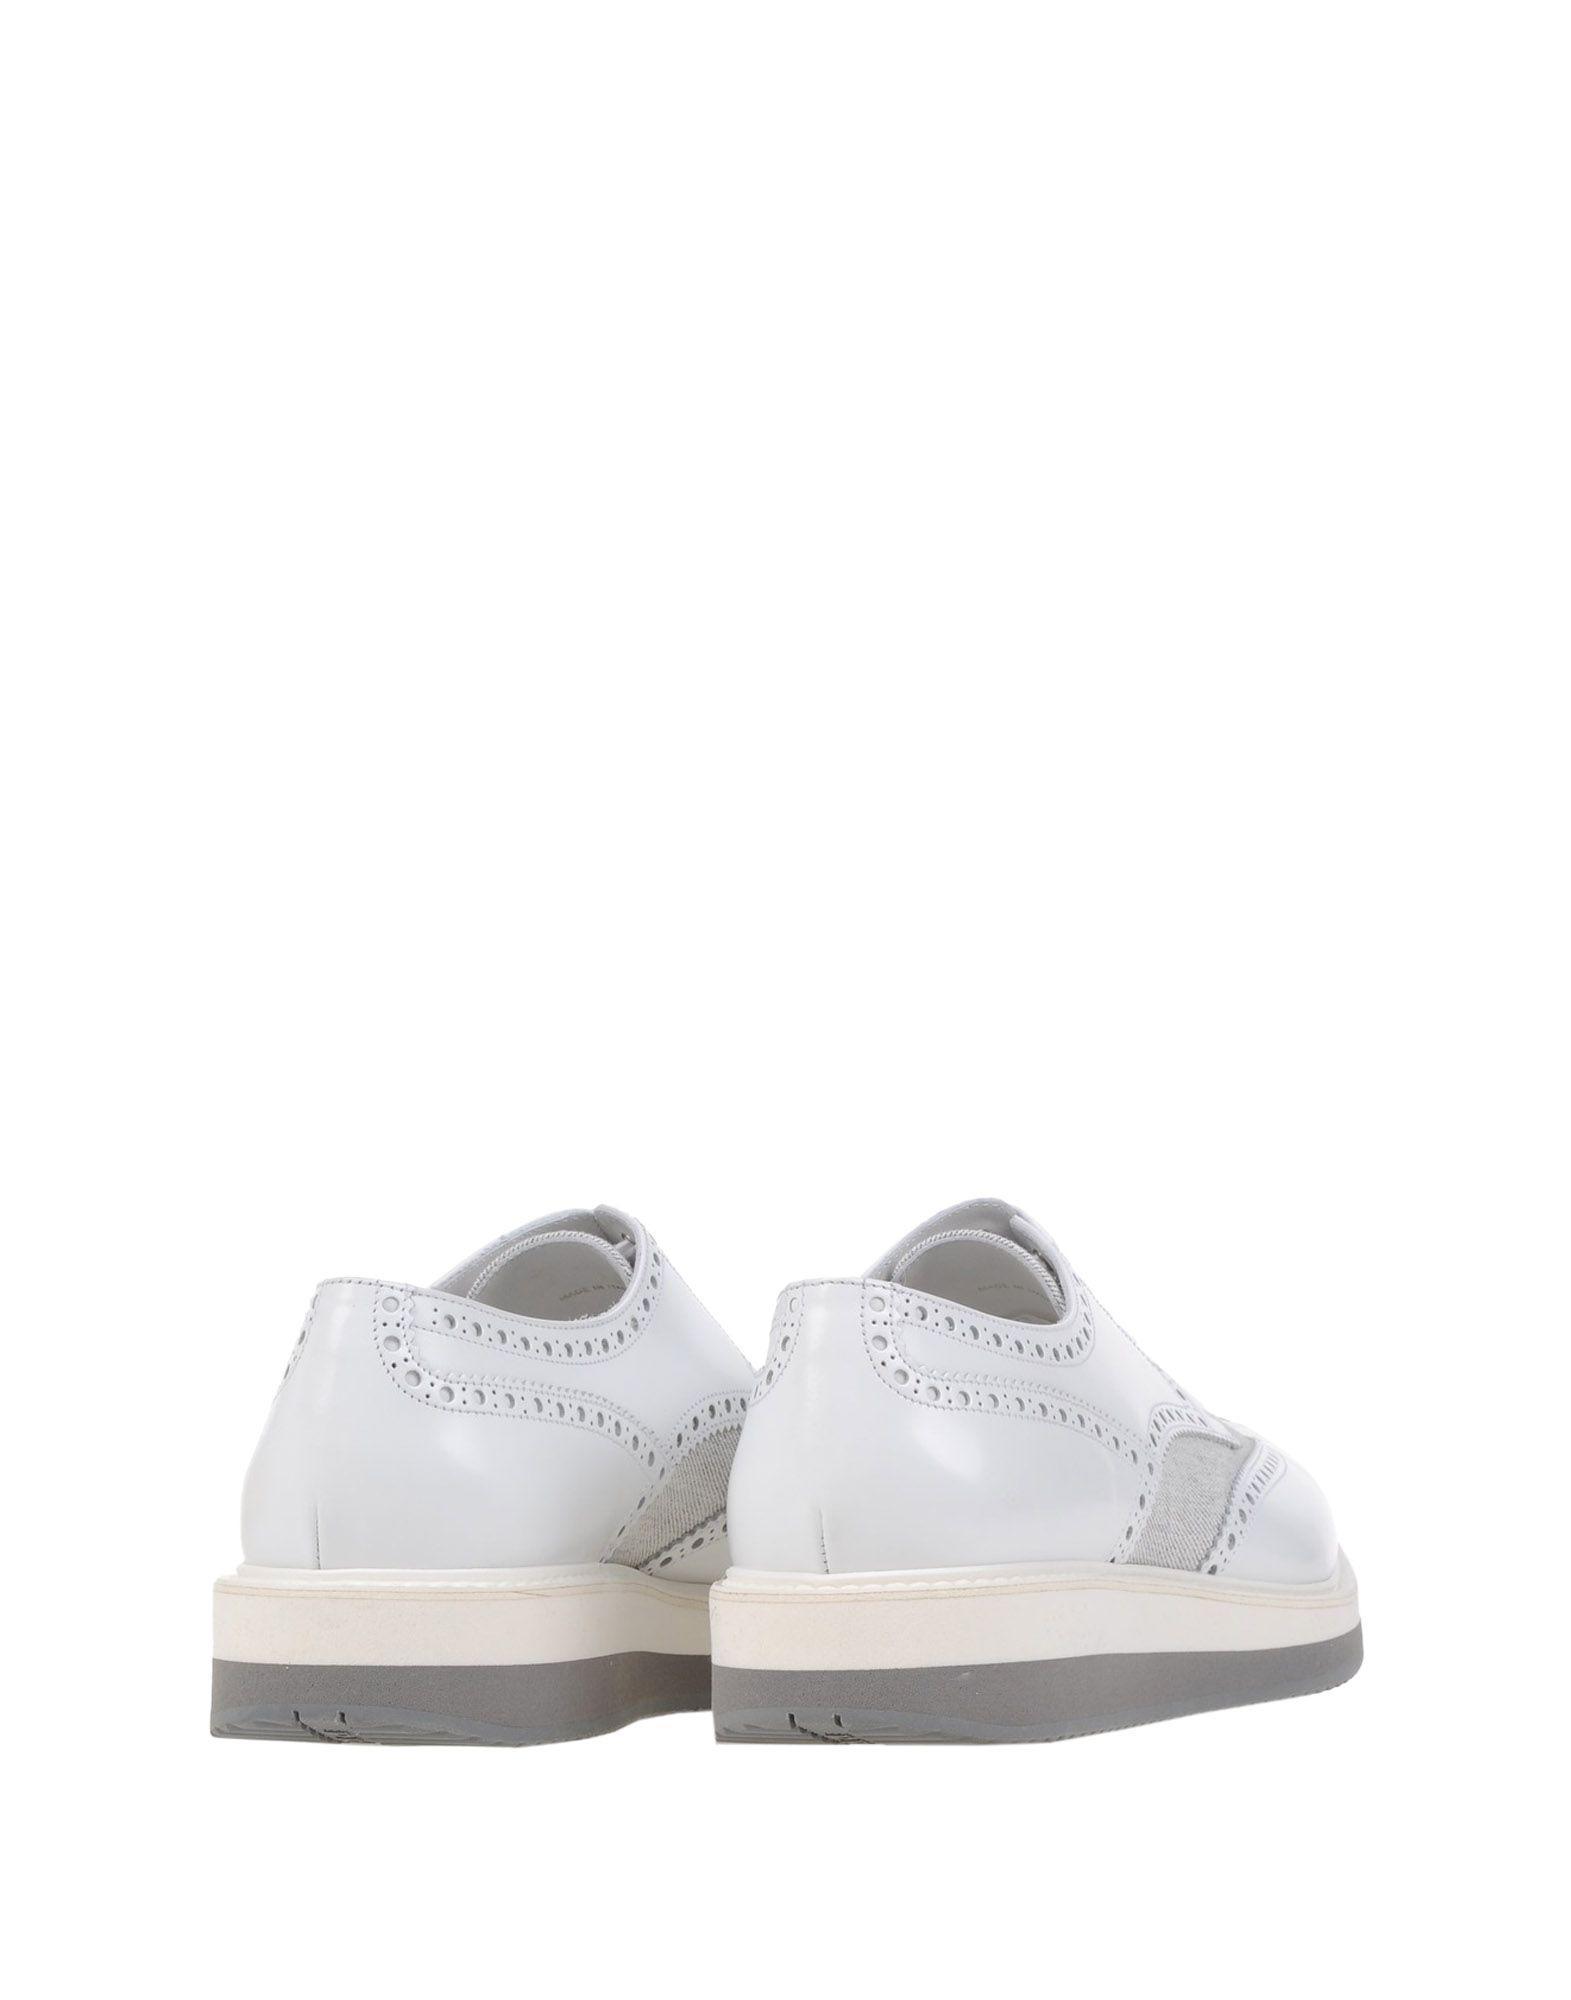 Prada Denim Lace-up Shoe in White for Men